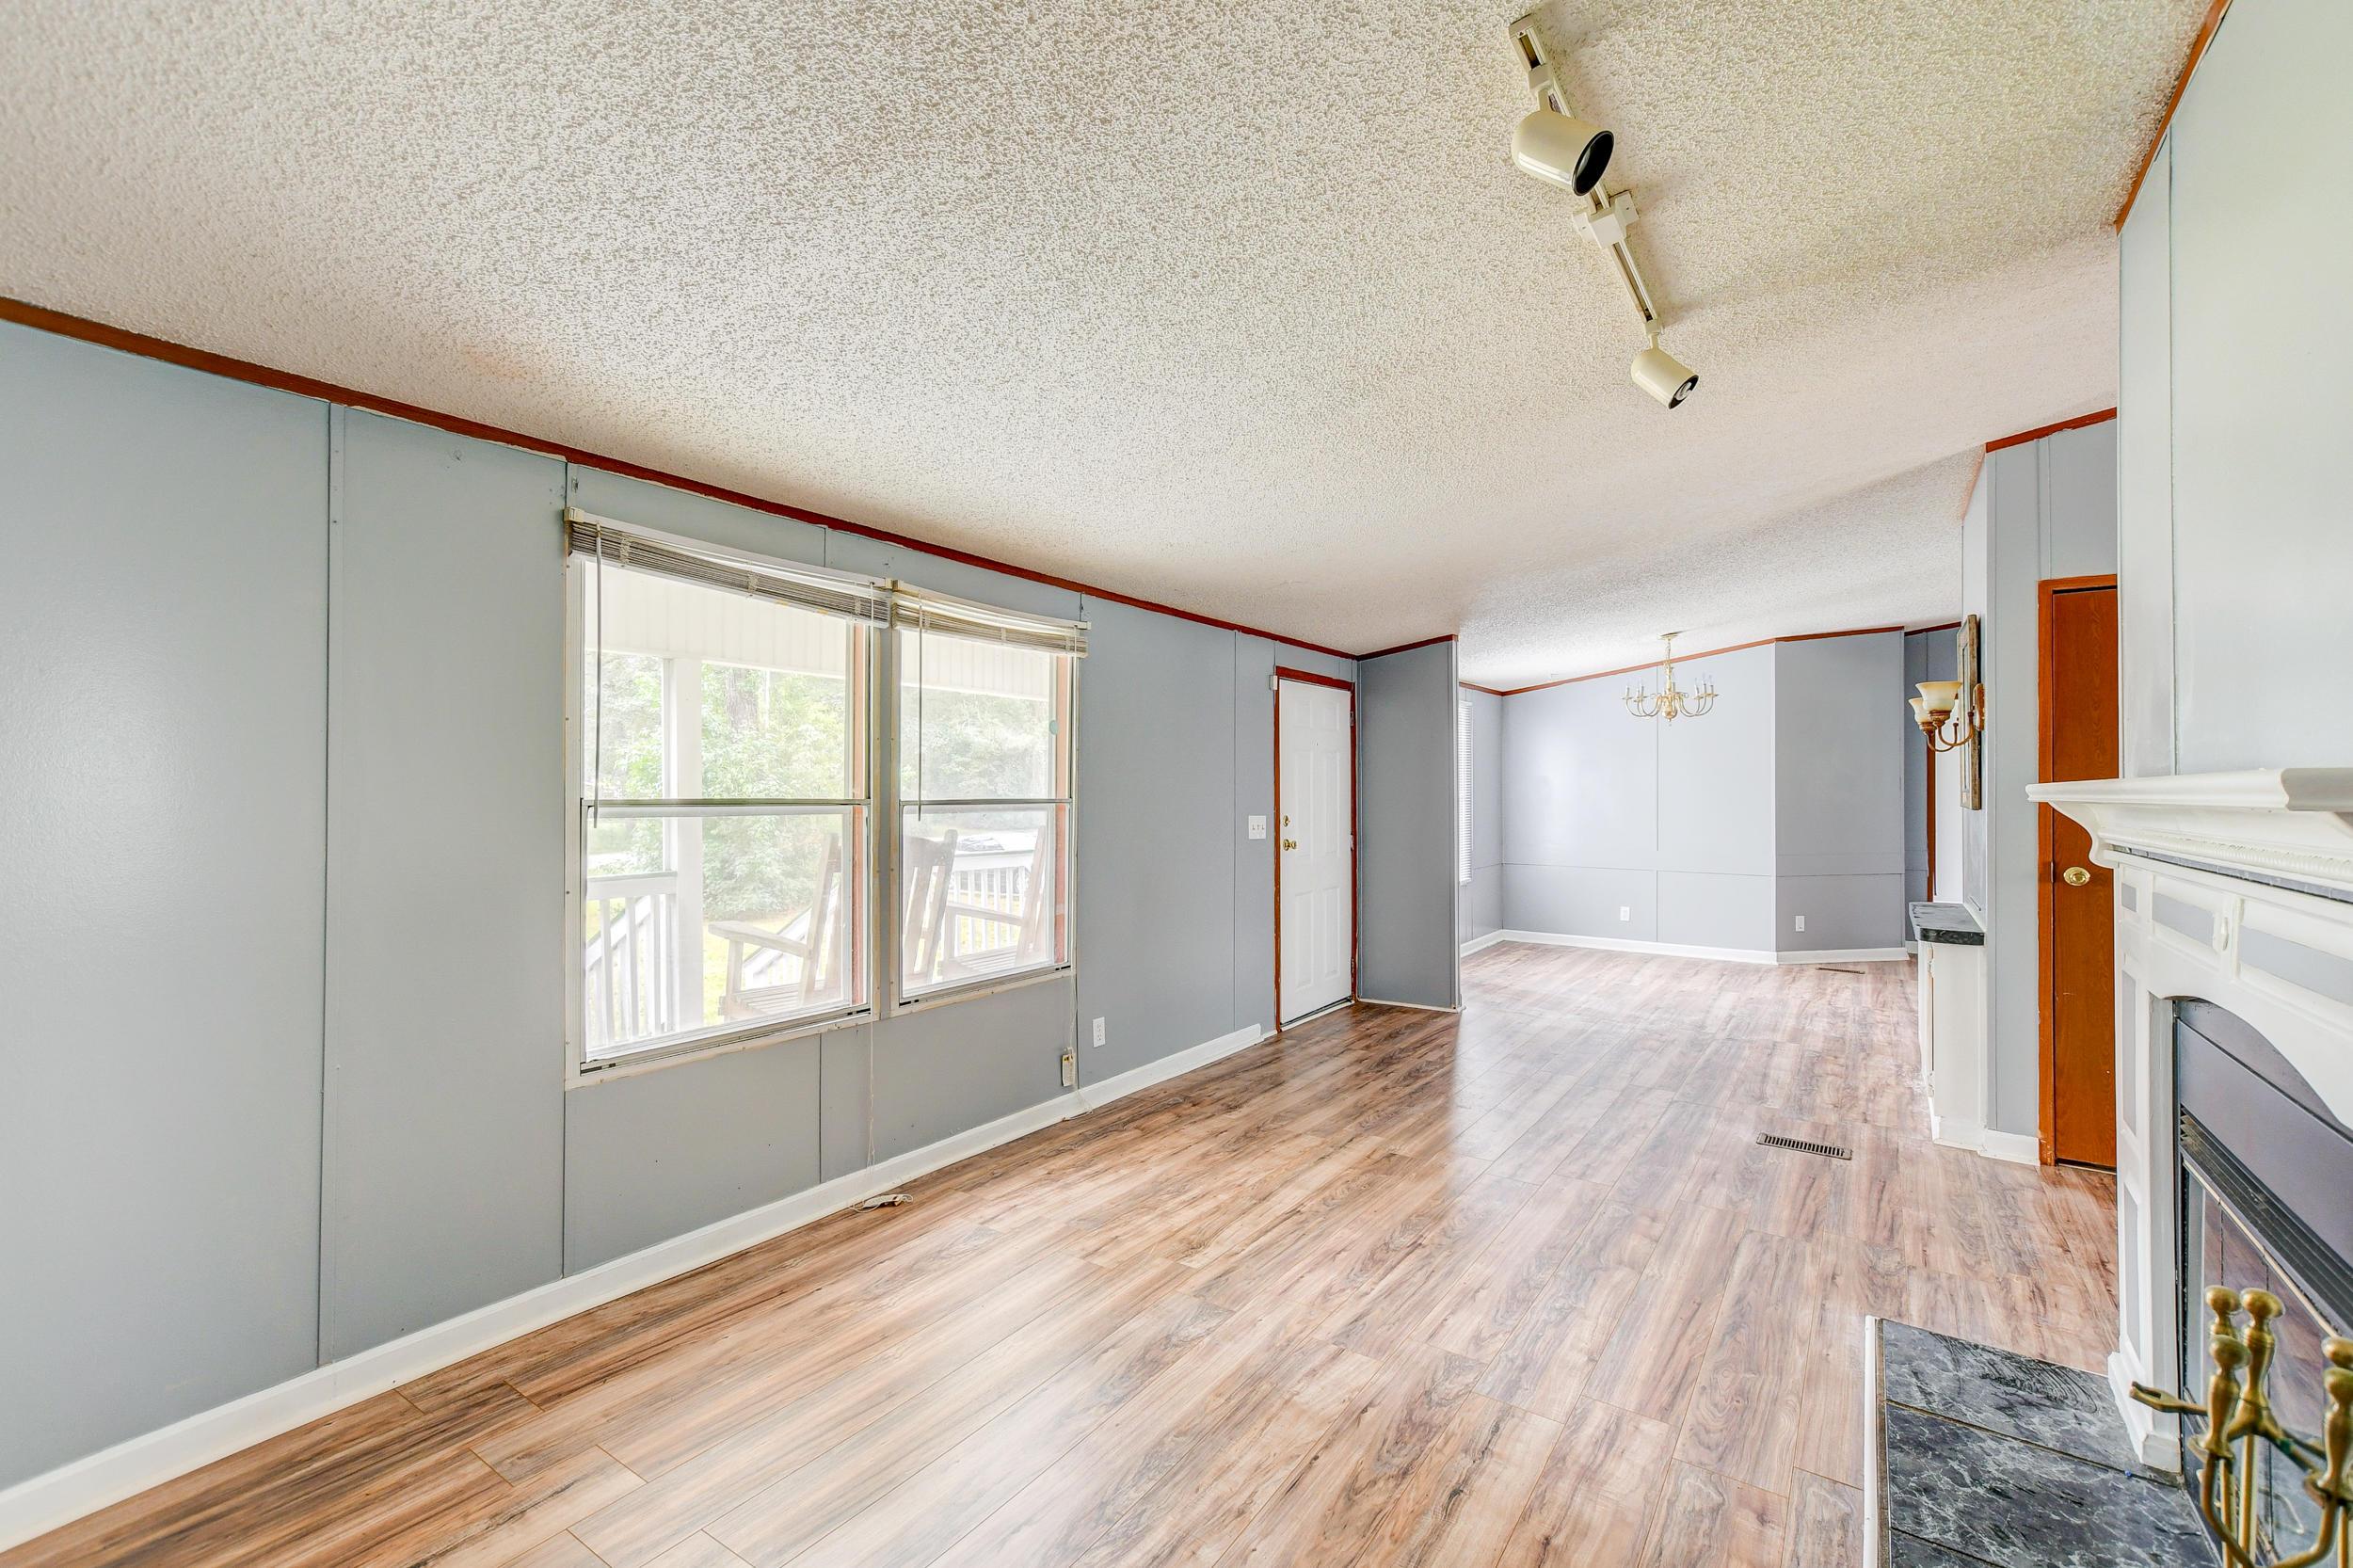 Clemson Terrace Homes For Sale - 123 Colkitt, Summerville, SC - 11